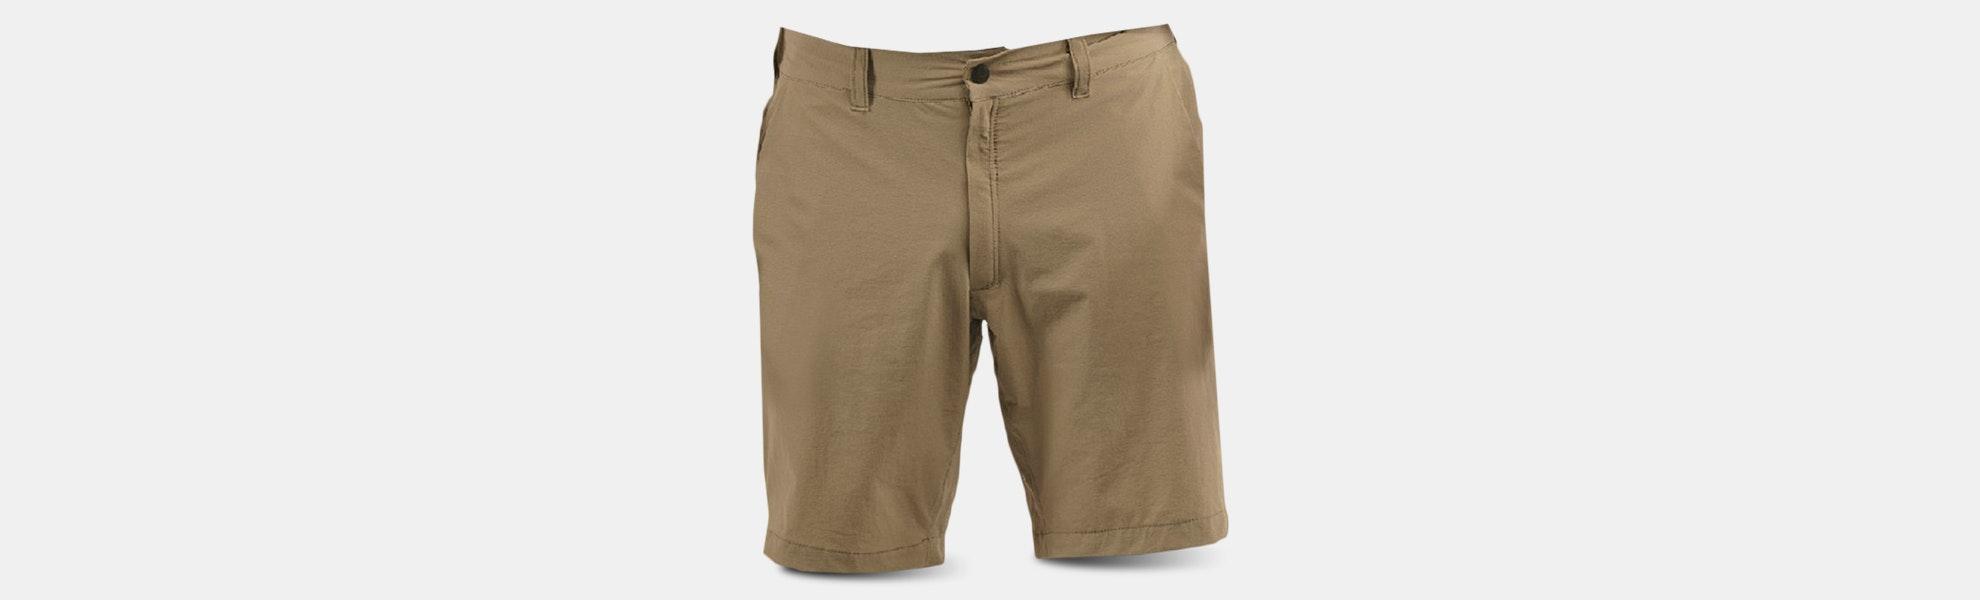 Jeremiah Solana Ripstop Shorts